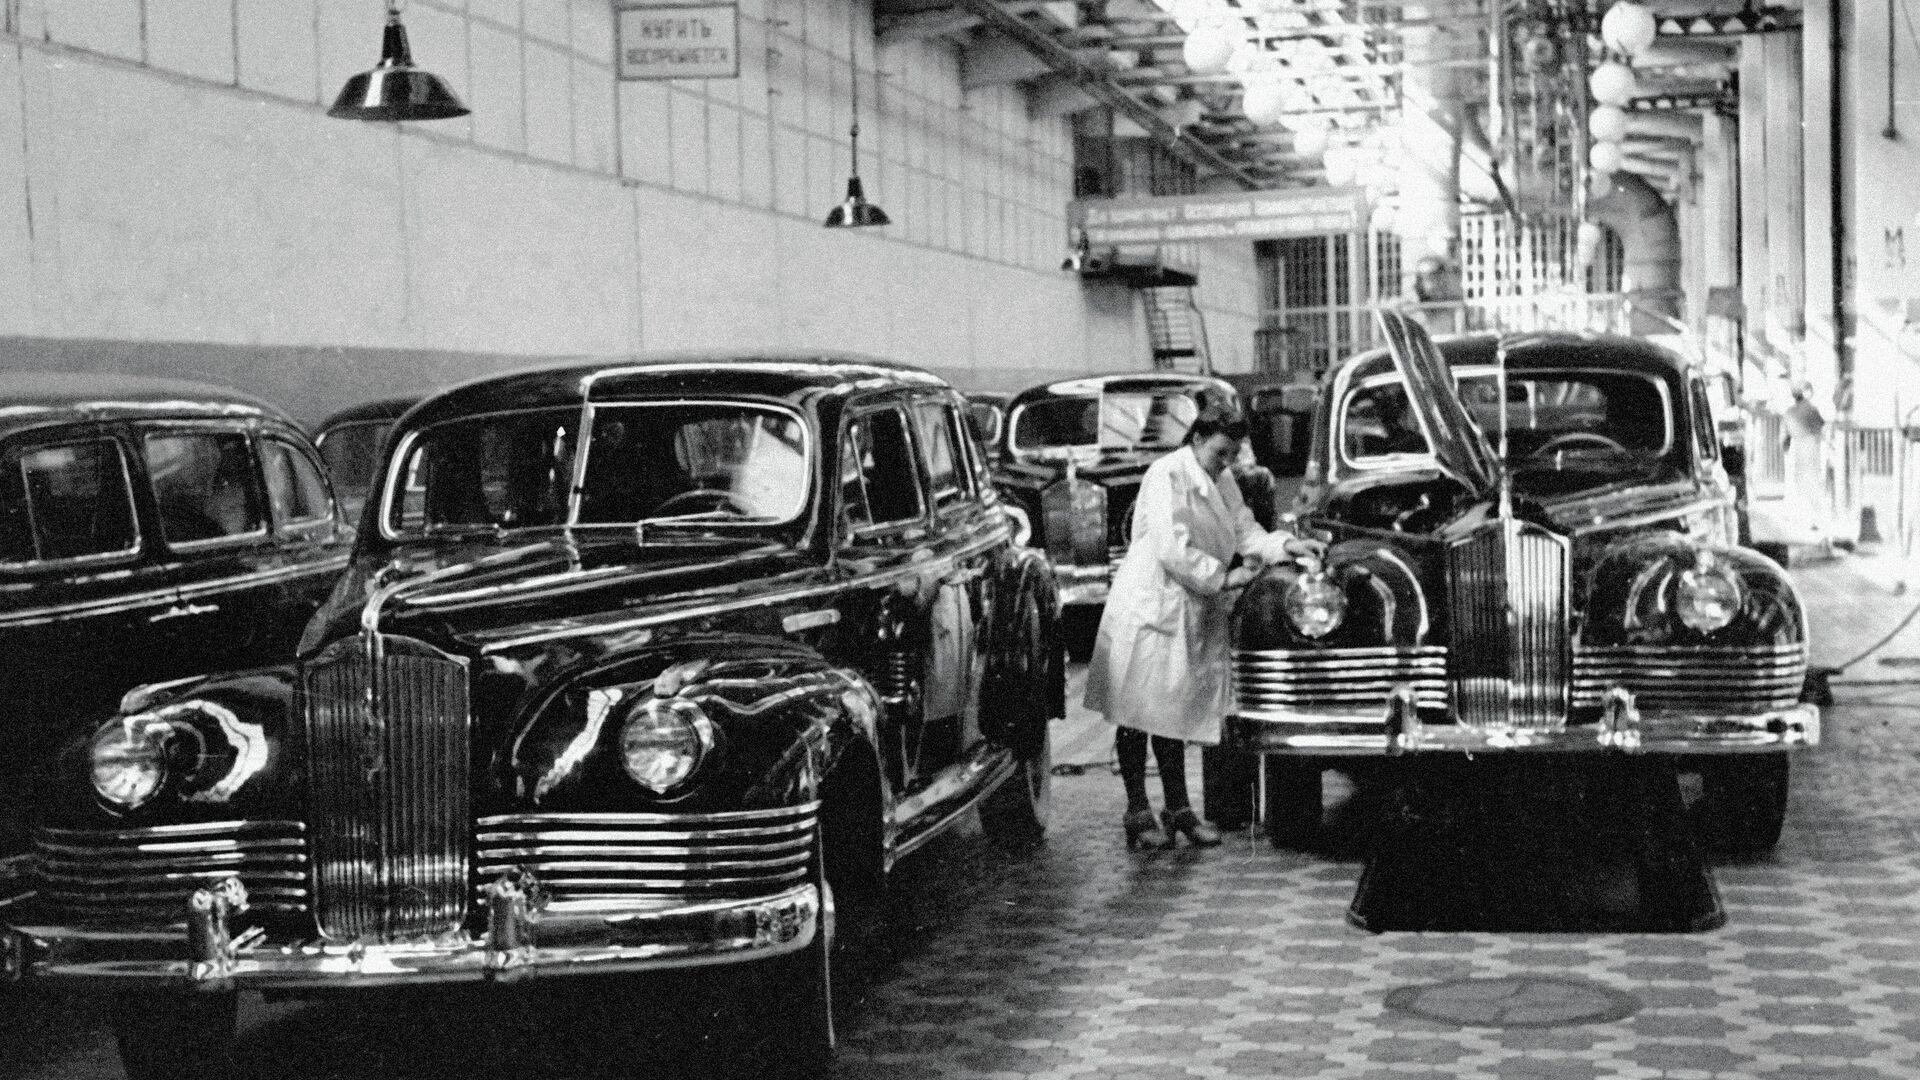 Конвейер легковых автомобилей ЗИС-110 - РИА Новости, 1920, 15.07.2018